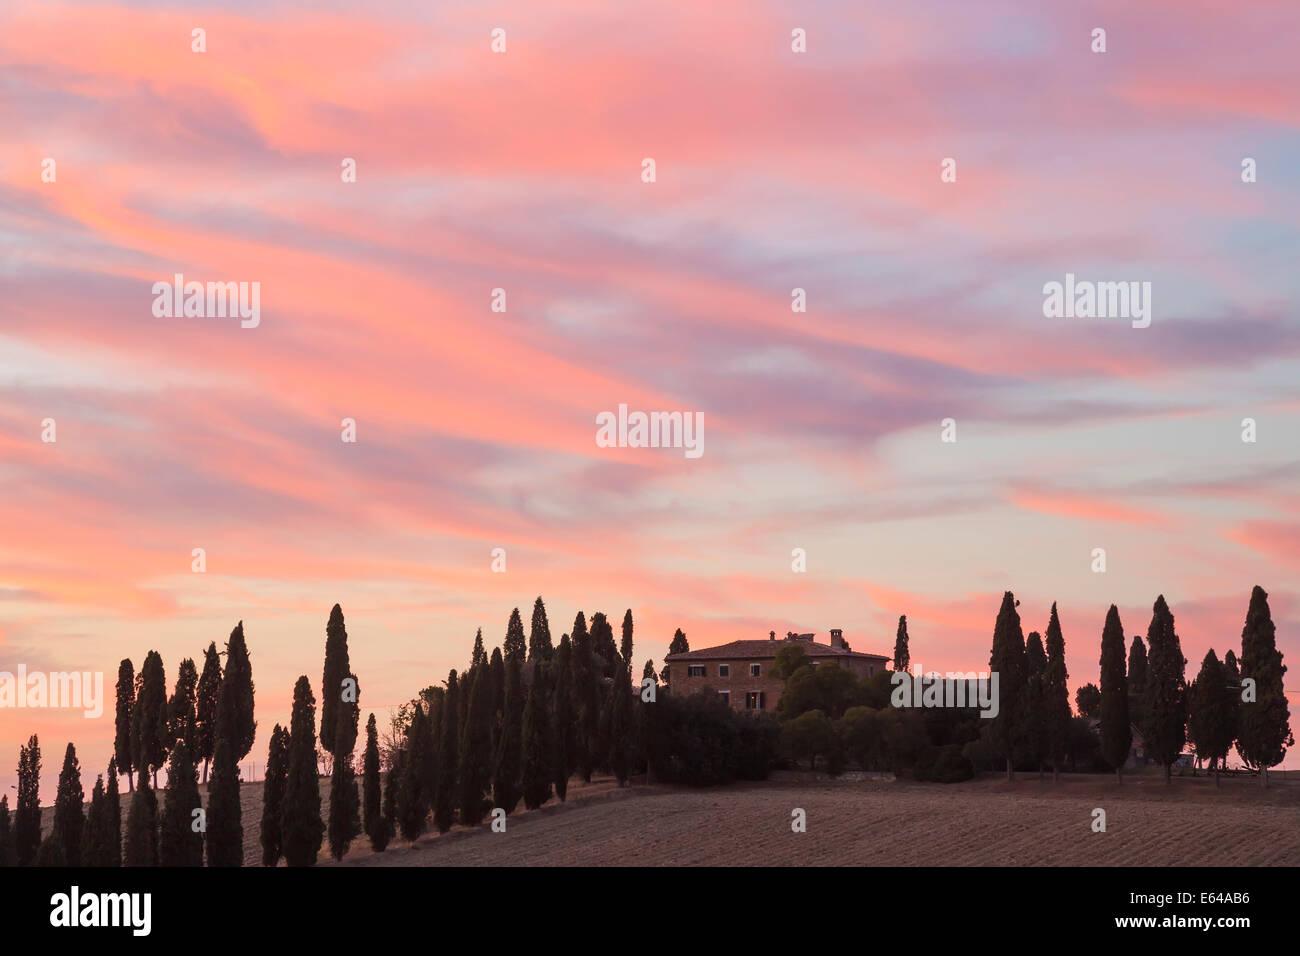 Bauernhaus und Zypresse Bäume bei Sonnenuntergang, Toskana, Italien Stockbild